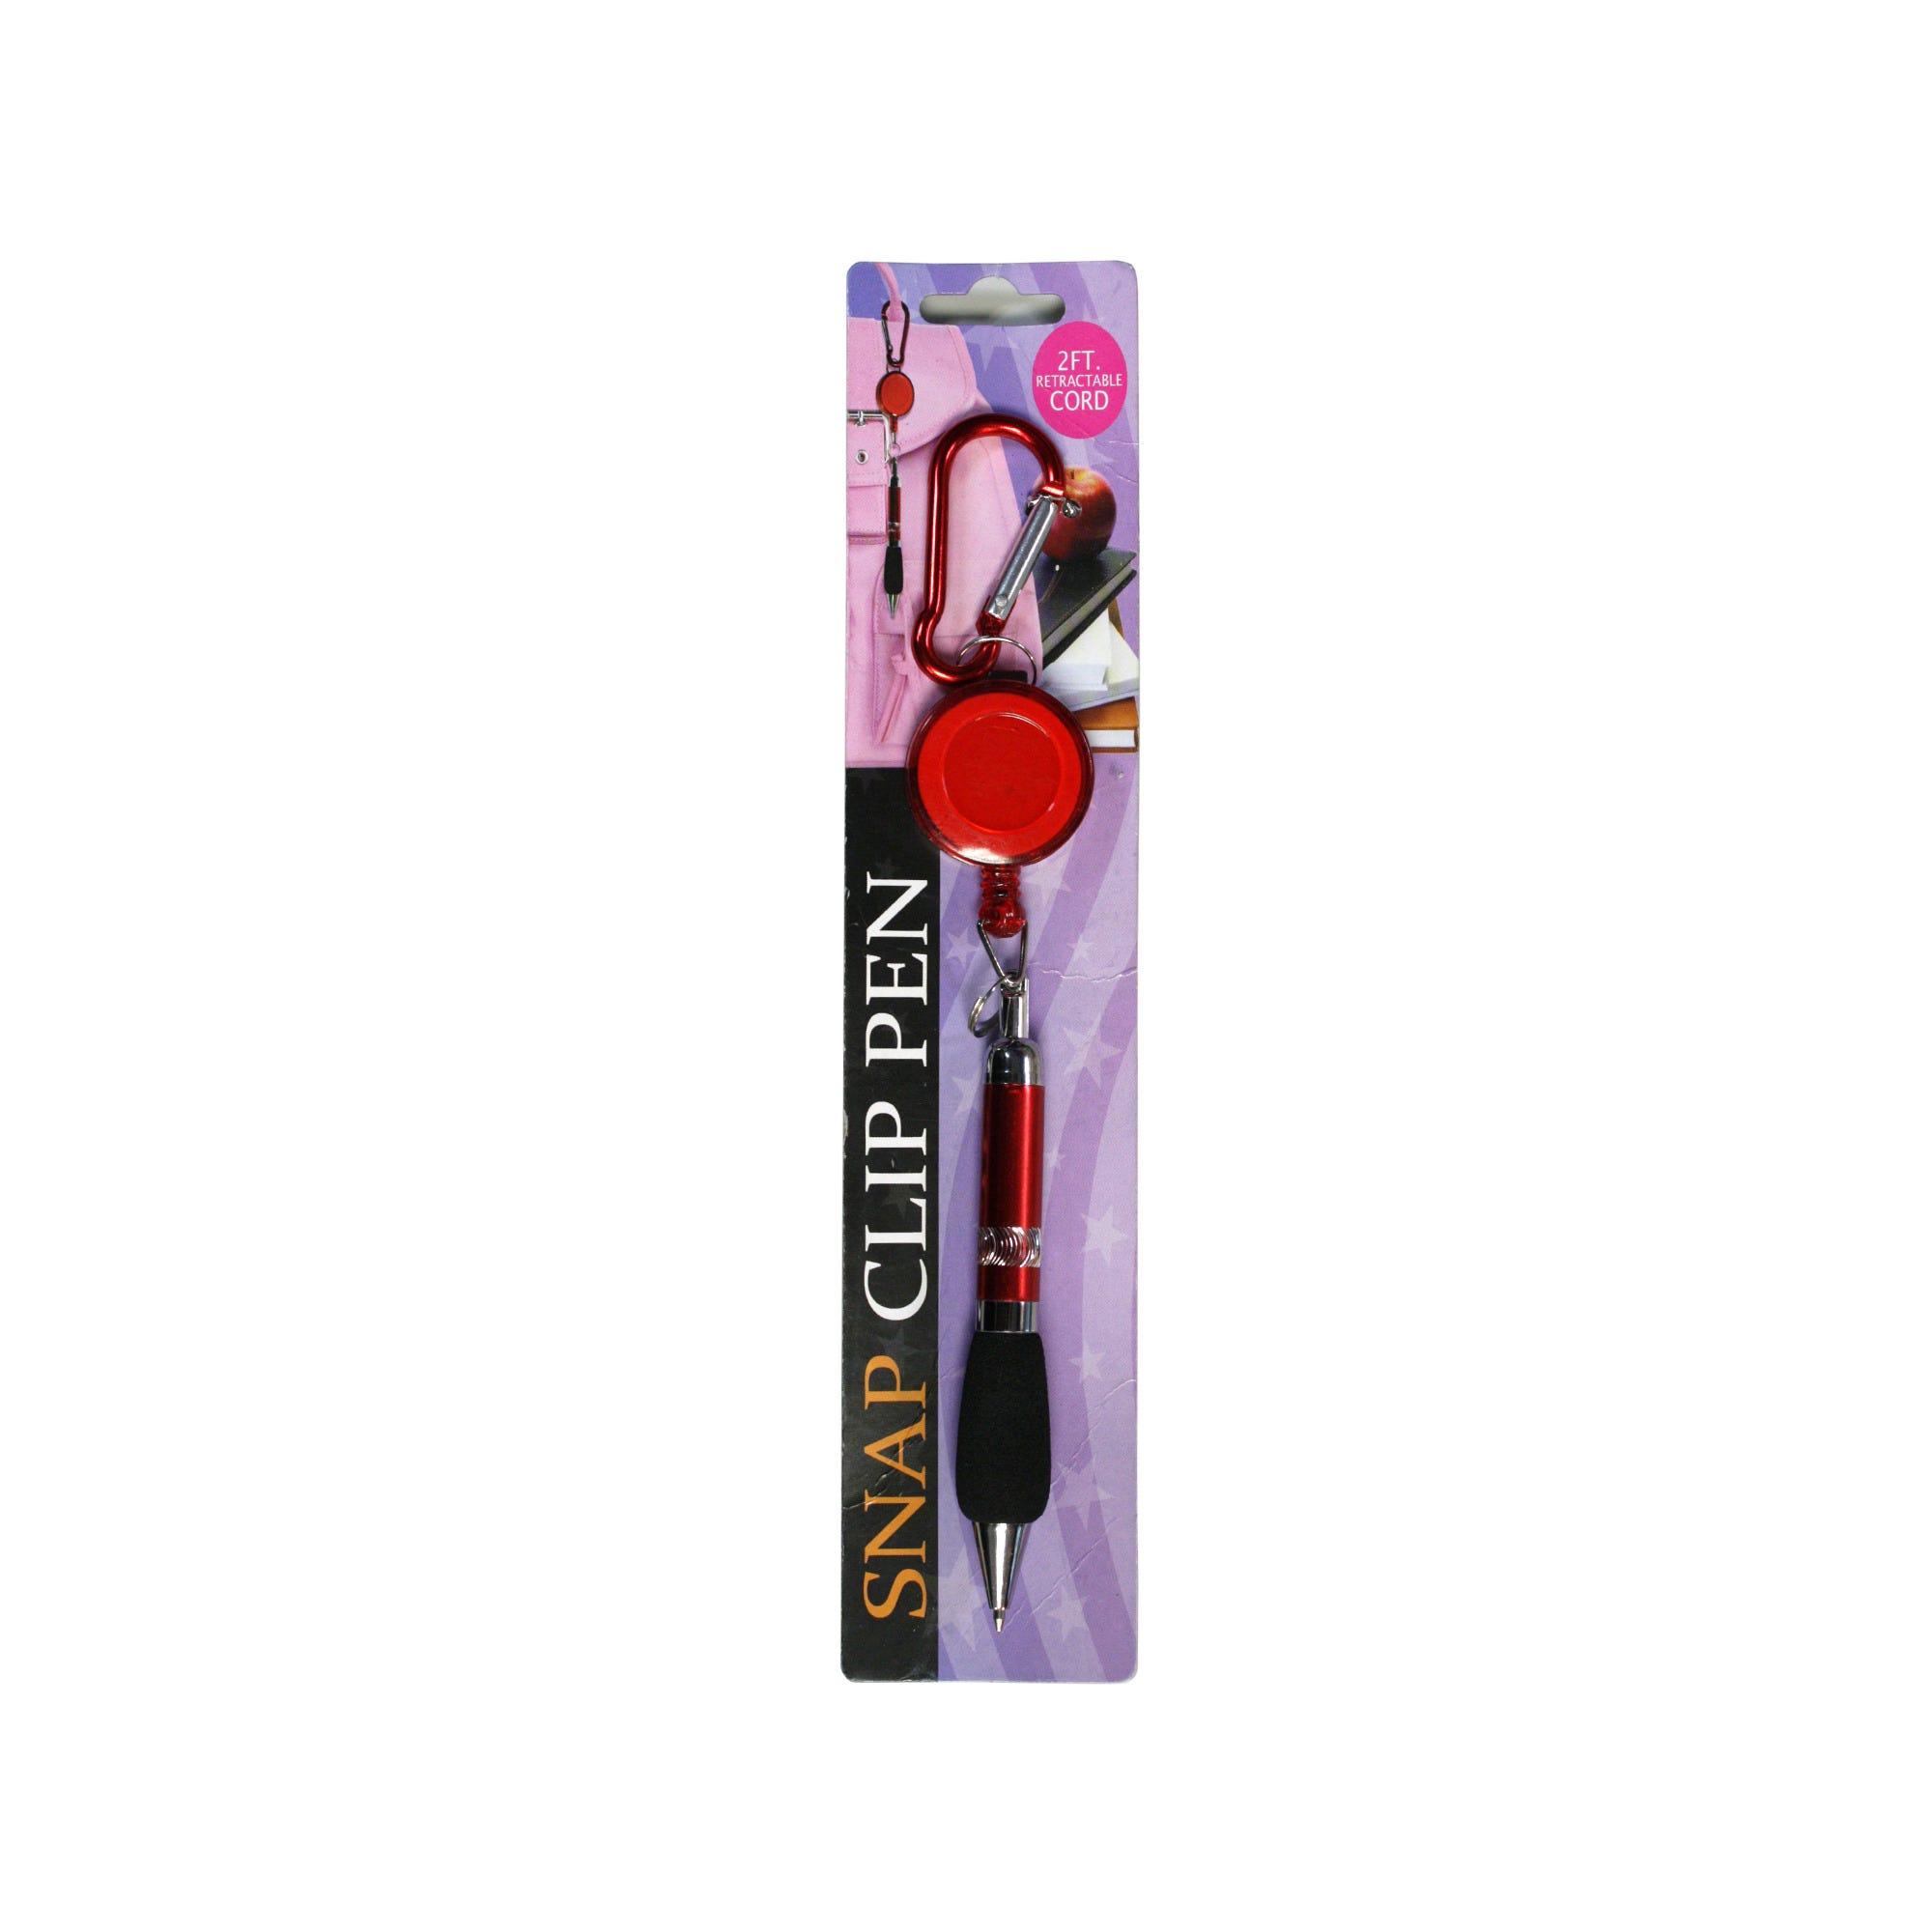 snap-clip-pen-with-retractable-cord